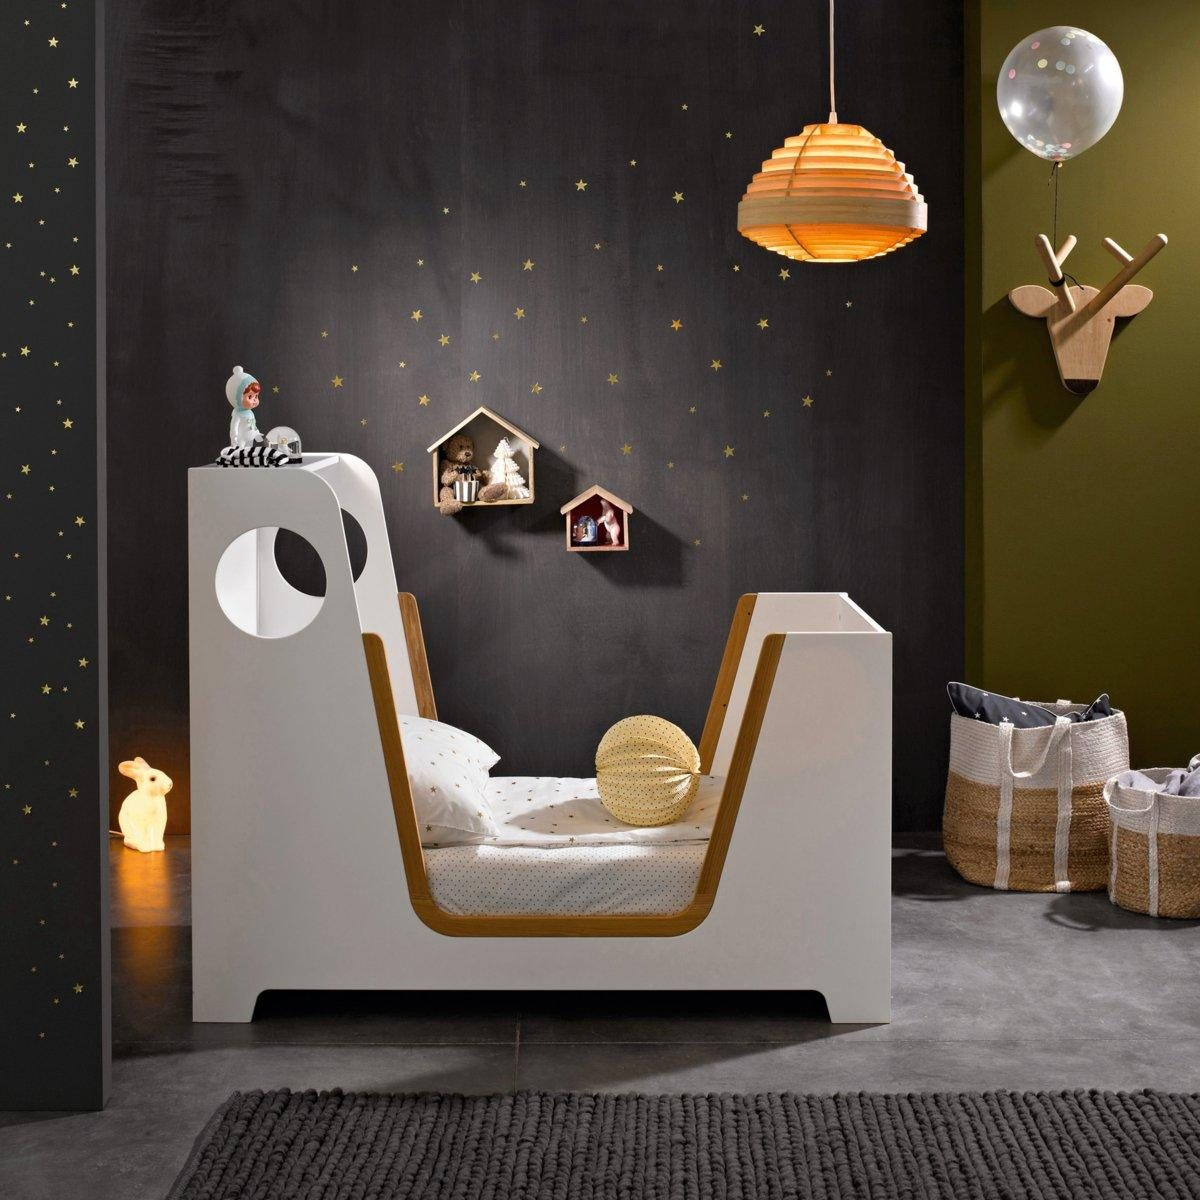 collection ampm 2015 les 15 nouveaut s qui vont vous faire craquer madame d core. Black Bedroom Furniture Sets. Home Design Ideas